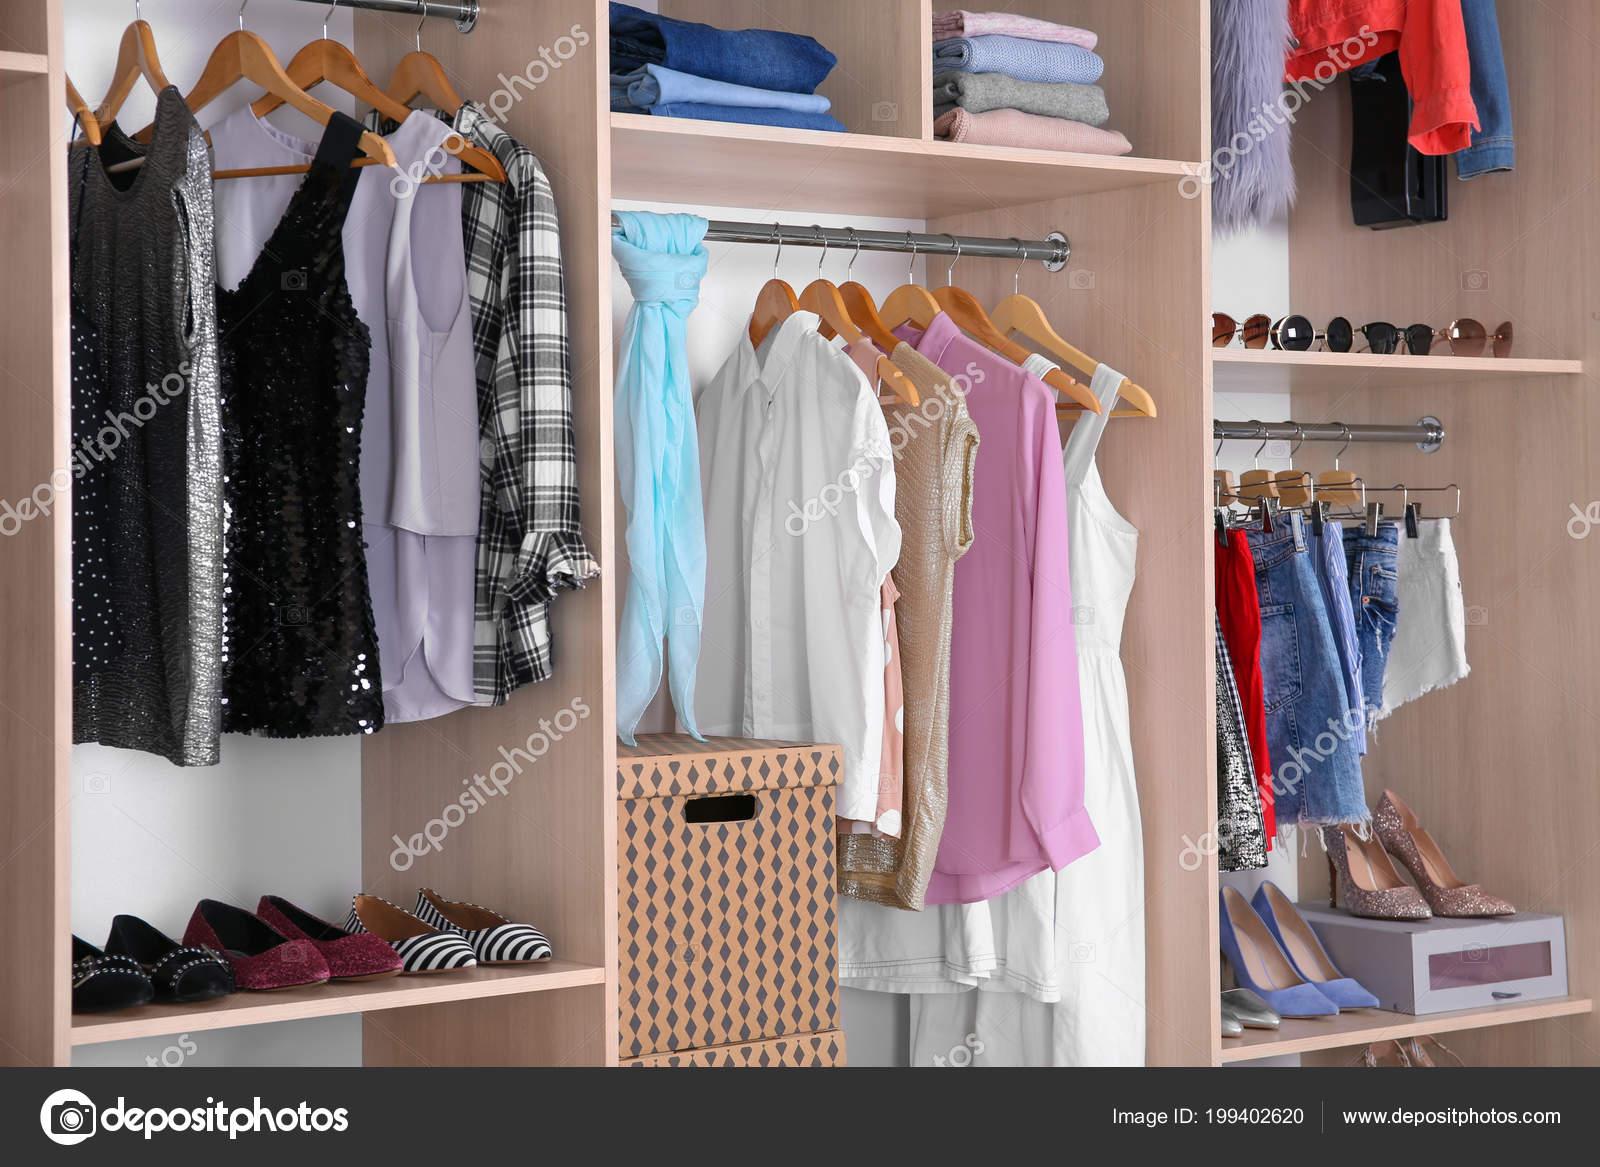 Містка Шафа Різних Одягу Взуття — Стокове фото — великий ... 769fc40d6792b